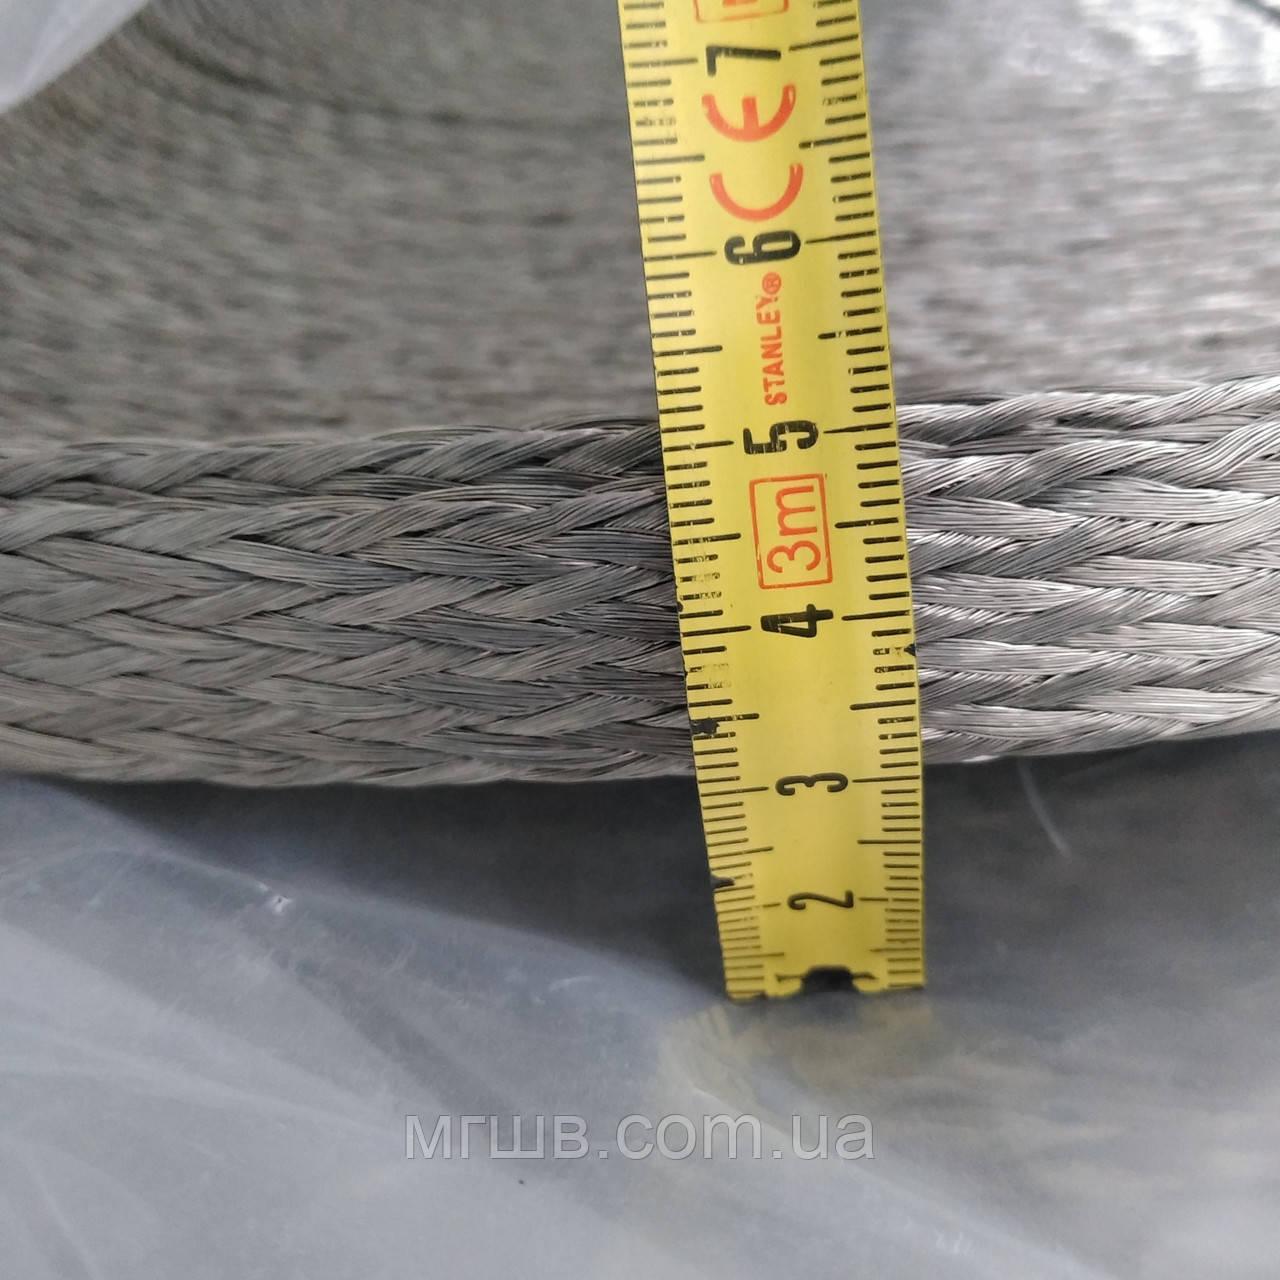 АМГЛ 25 провод неизолированный гибкий плетеный плетёнка медная луженная гибкая шина 25 мм АМГ